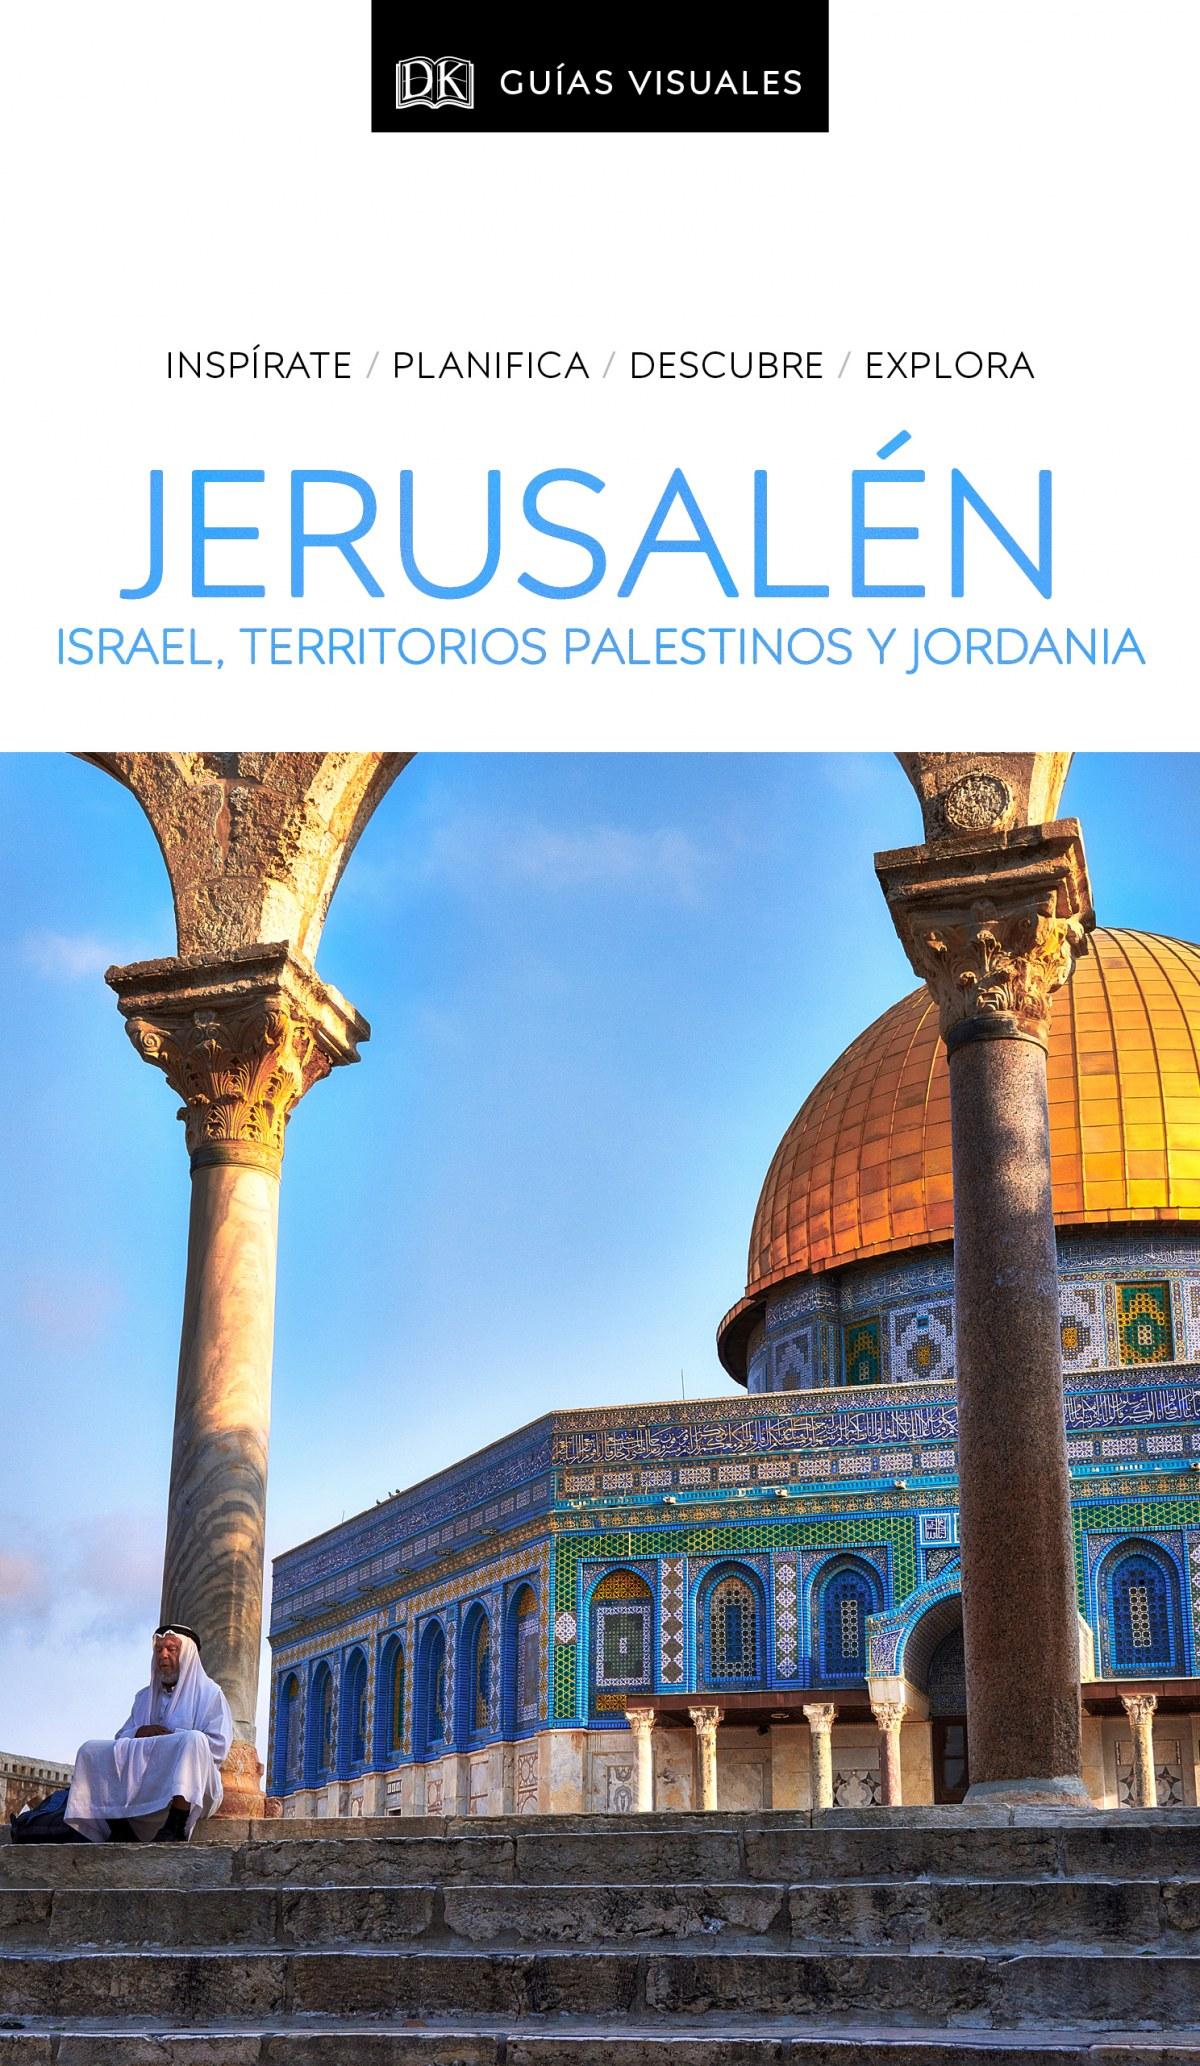 Guía Visual Jerusalén, Israel, Territorios Palestinos y Jordania